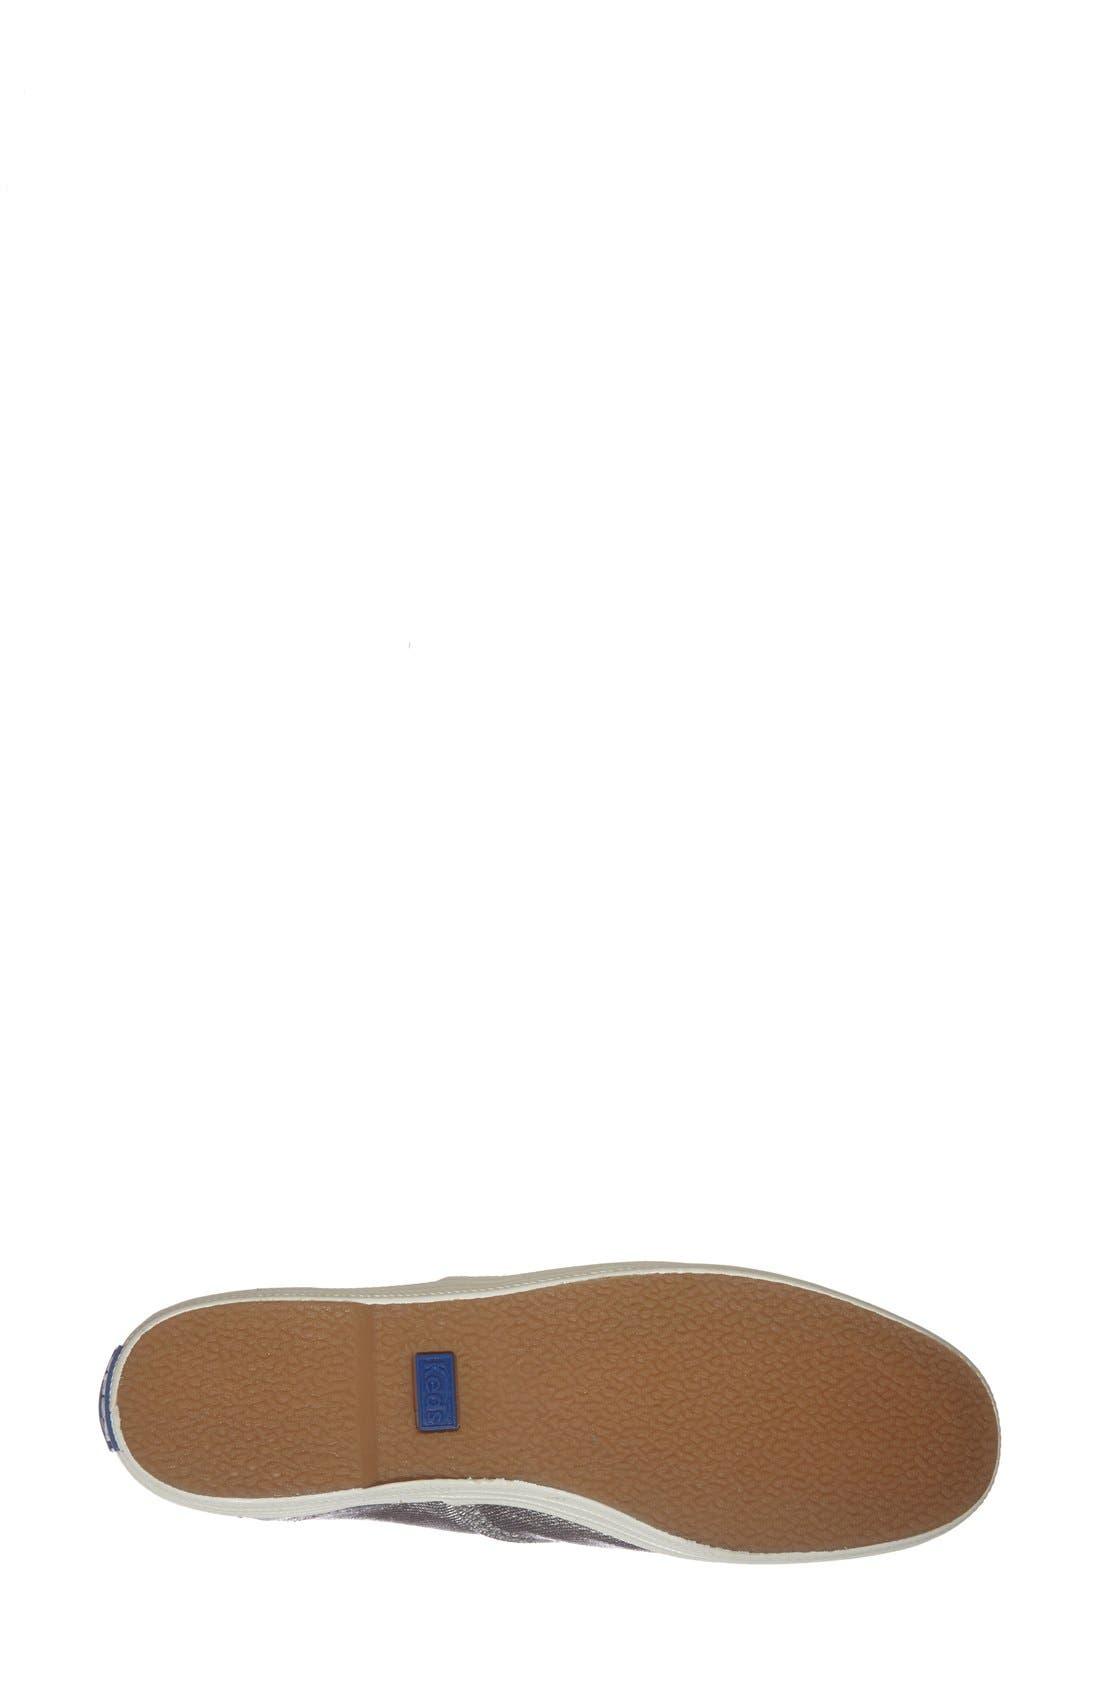 Alternate Image 4  - Keds® 'Champion - Metallic' Sneaker (Women) (Regular Retail Price: $49.95)